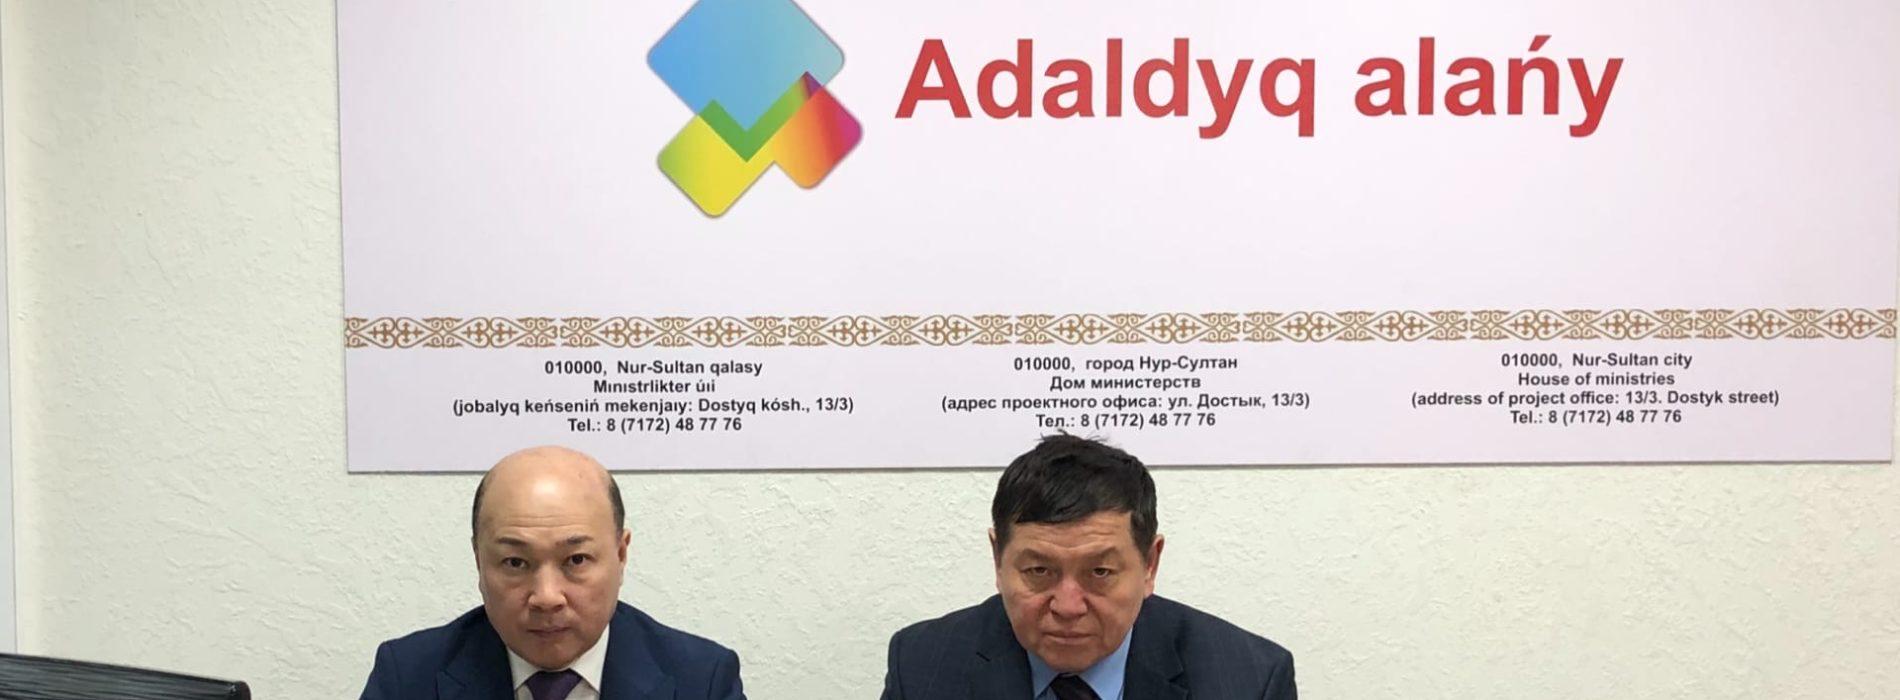 В Минздраве появился антикоррупционный проектный офис